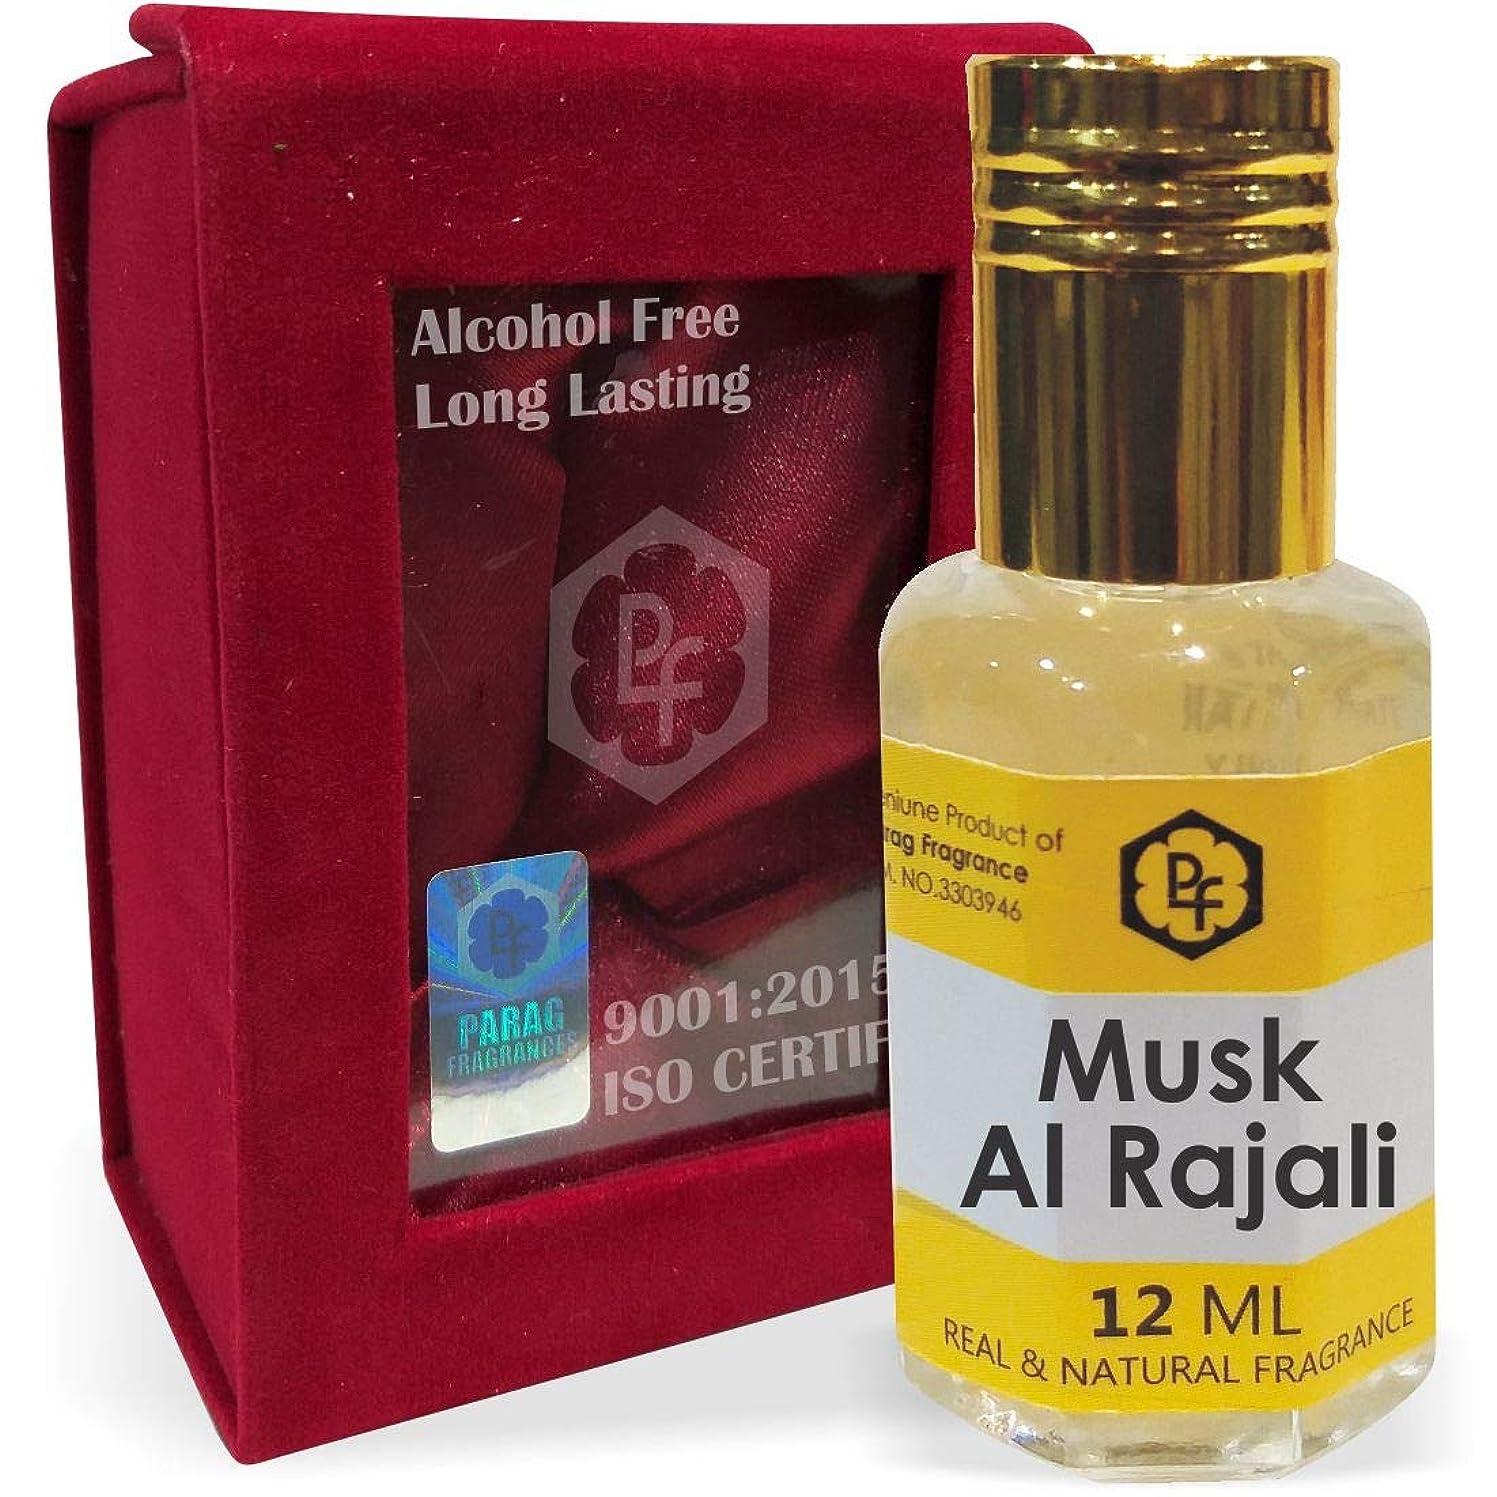 良心南議会Paragフレグランスムスク手作りベルベットボックスアルRajali 12ミリリットルアター/香水(インドの伝統的なBhapka処理方法により、インド製)オイル/フレグランスオイル|長持ちアターITRA最高の品質